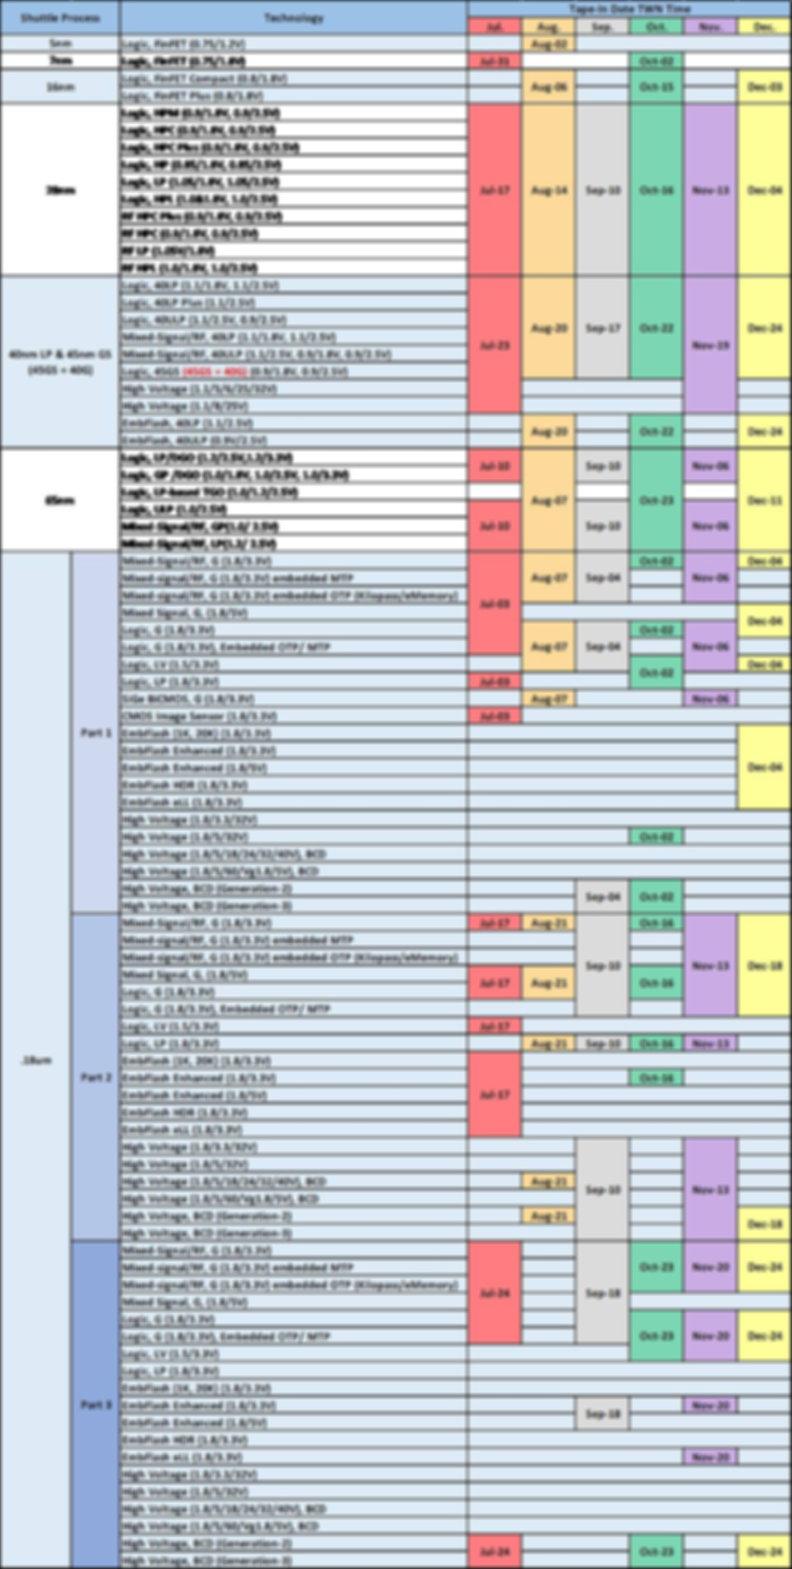 2019 TSMC CyberShuttle Service Plan_Jul-